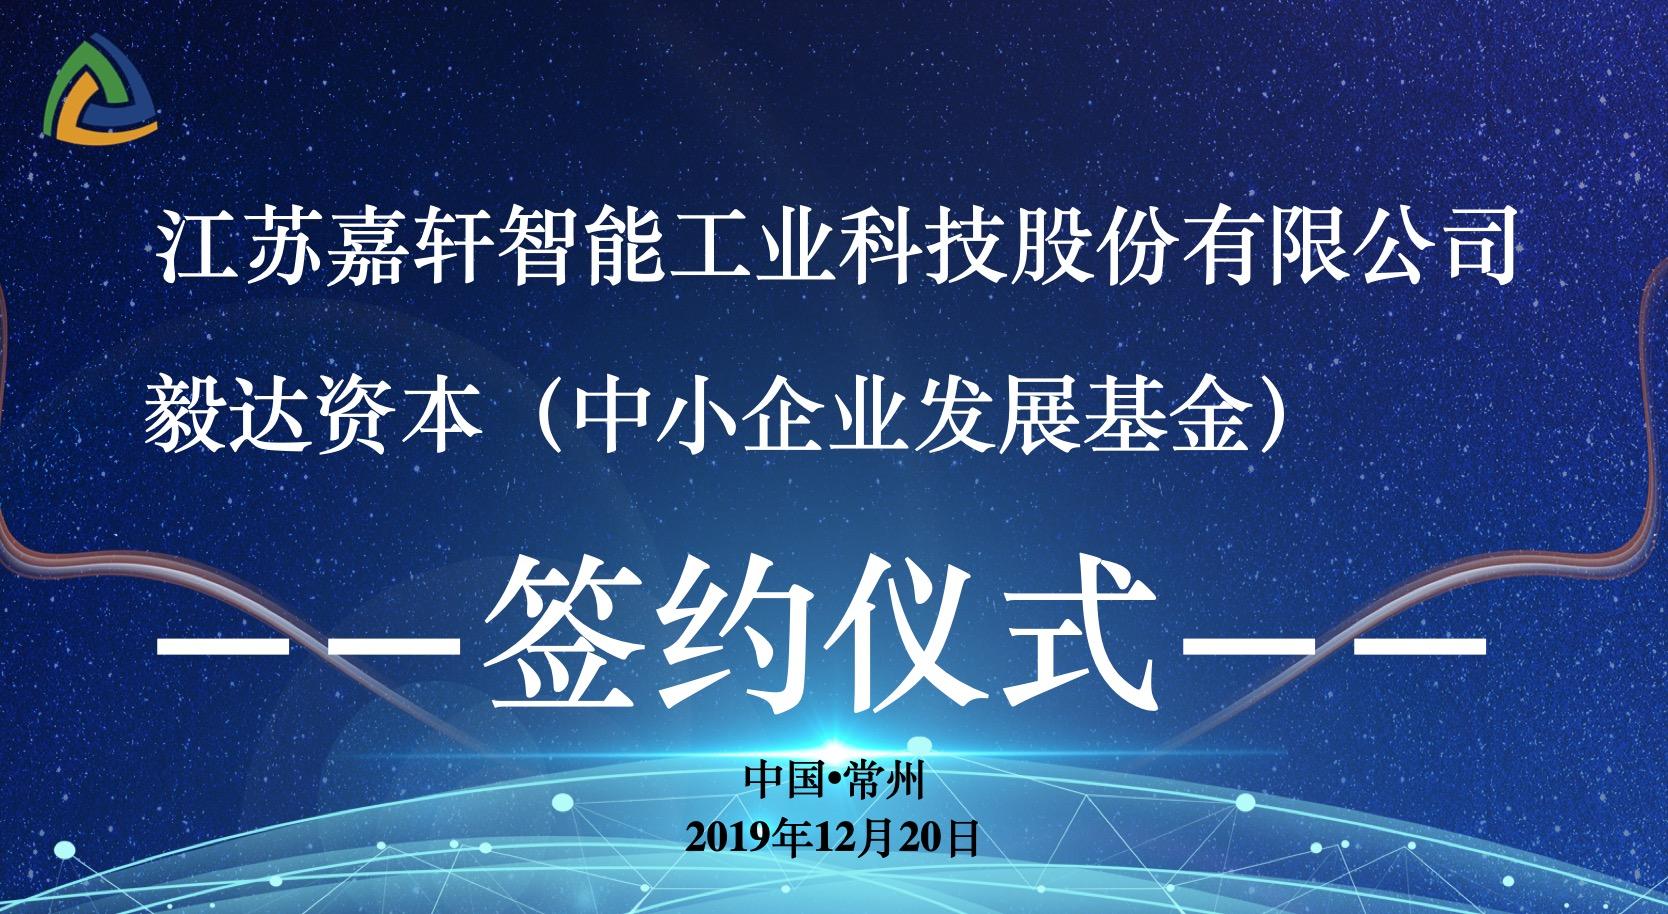 毅達資本與江蘇嘉軒簽署合作協議,為永磁滾筒行業注入新活力